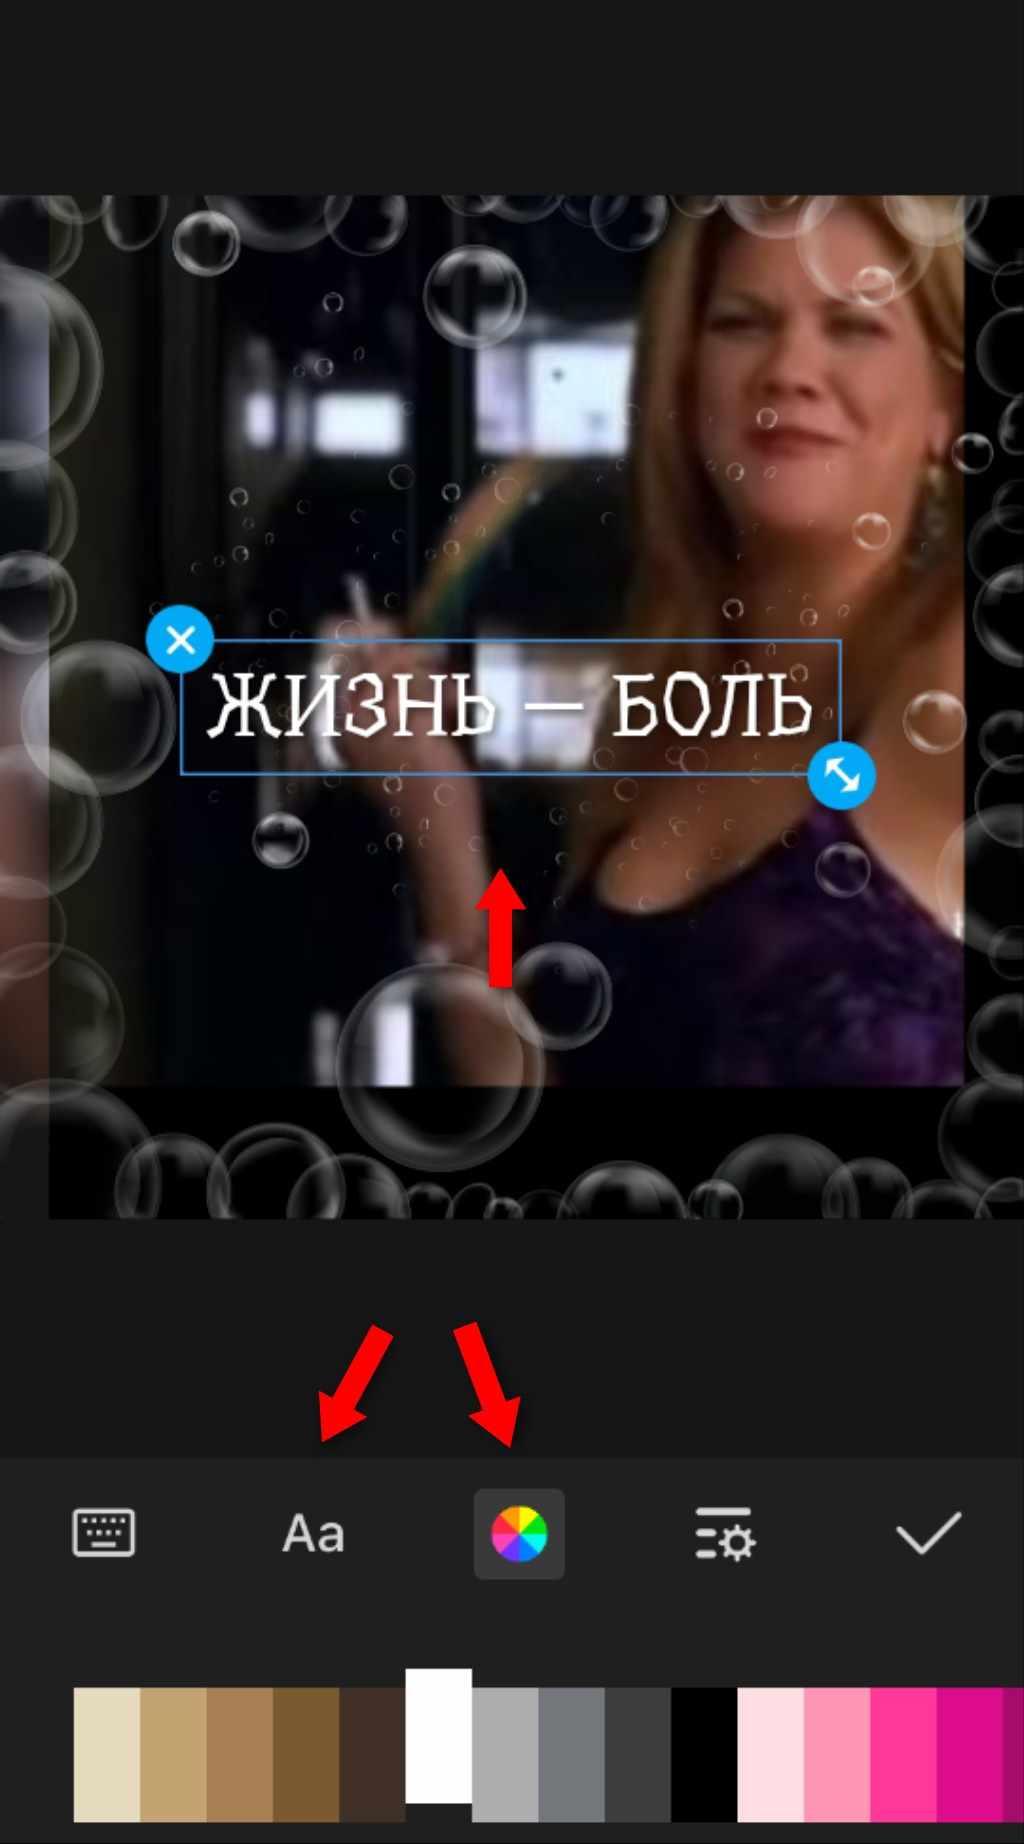 InFrame_1628301780959.jpg